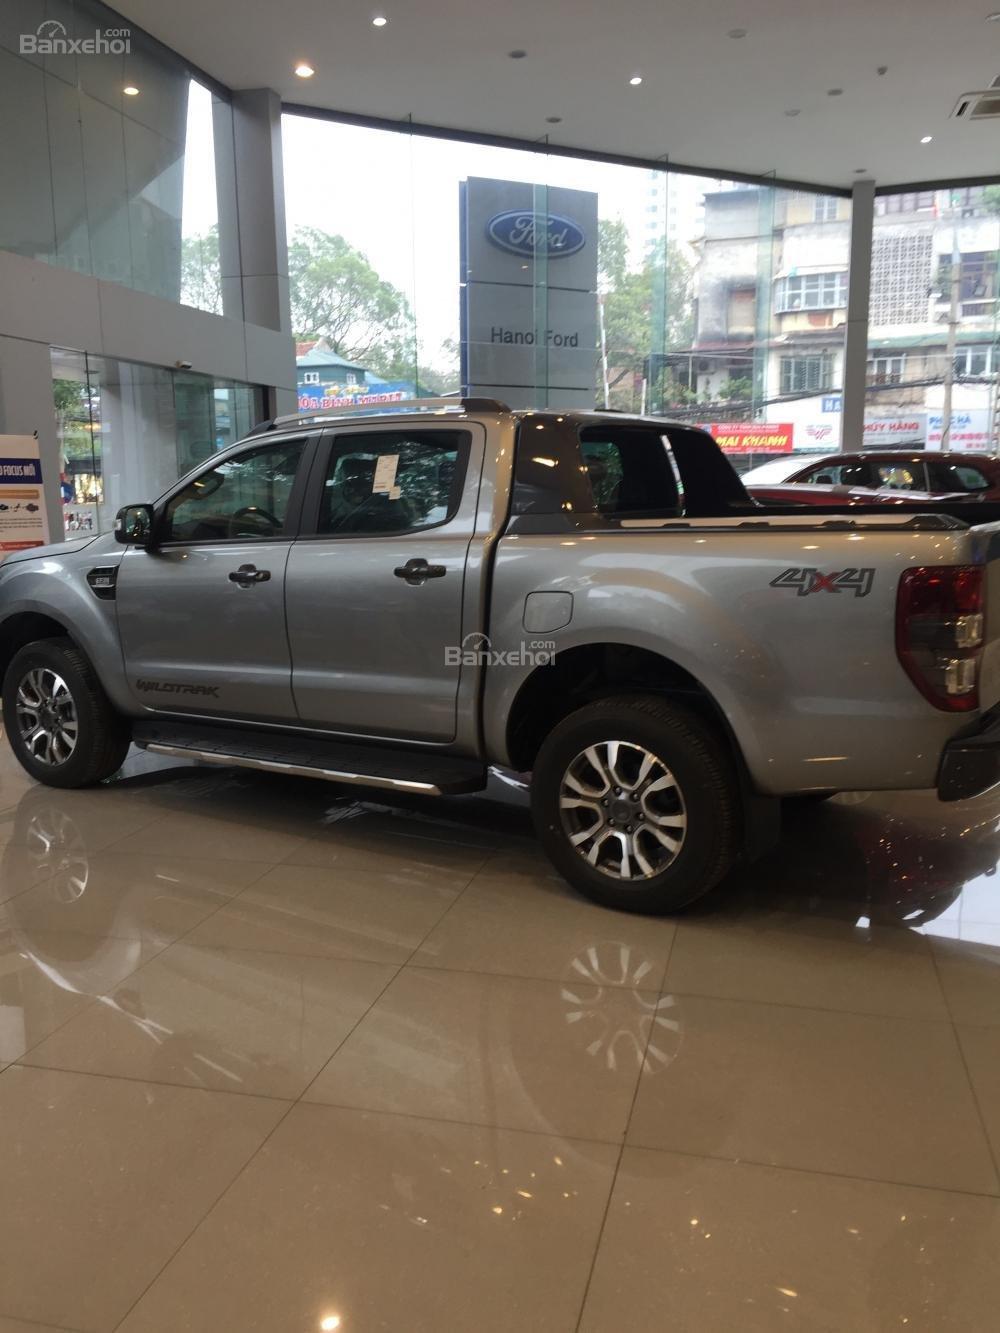 Bán Ford Ranger mới 100% giá cực rẻ, ưu đãi khủng, chỉ hơn 100 triệu có xe, LH: 033.613.5555-0